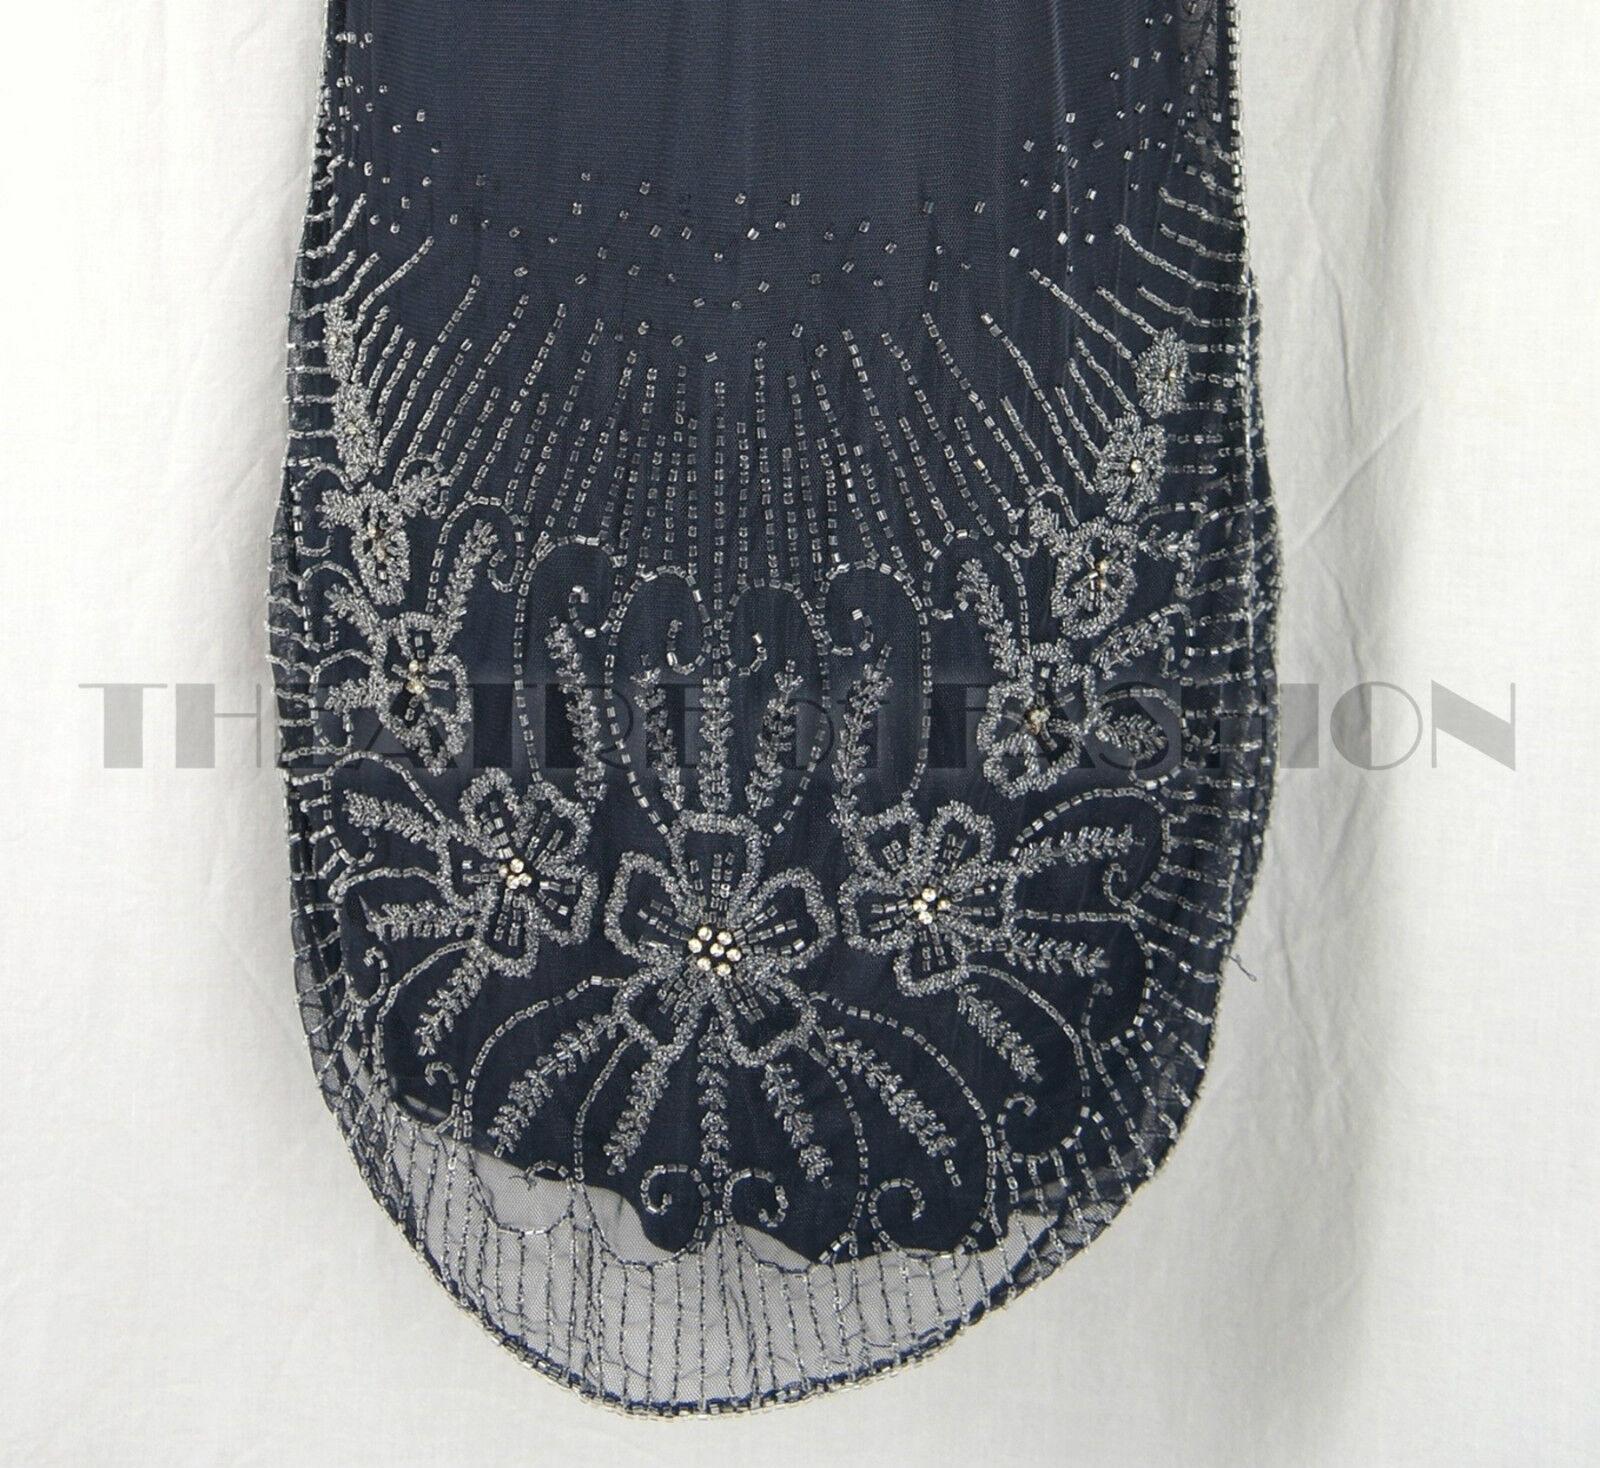 DRESS 20s VINTAGE GATSBY TOPSHOP BEAD 10 12 ART DECO DECO DECO FLAPPER TOP 30s WEDDING d516c7